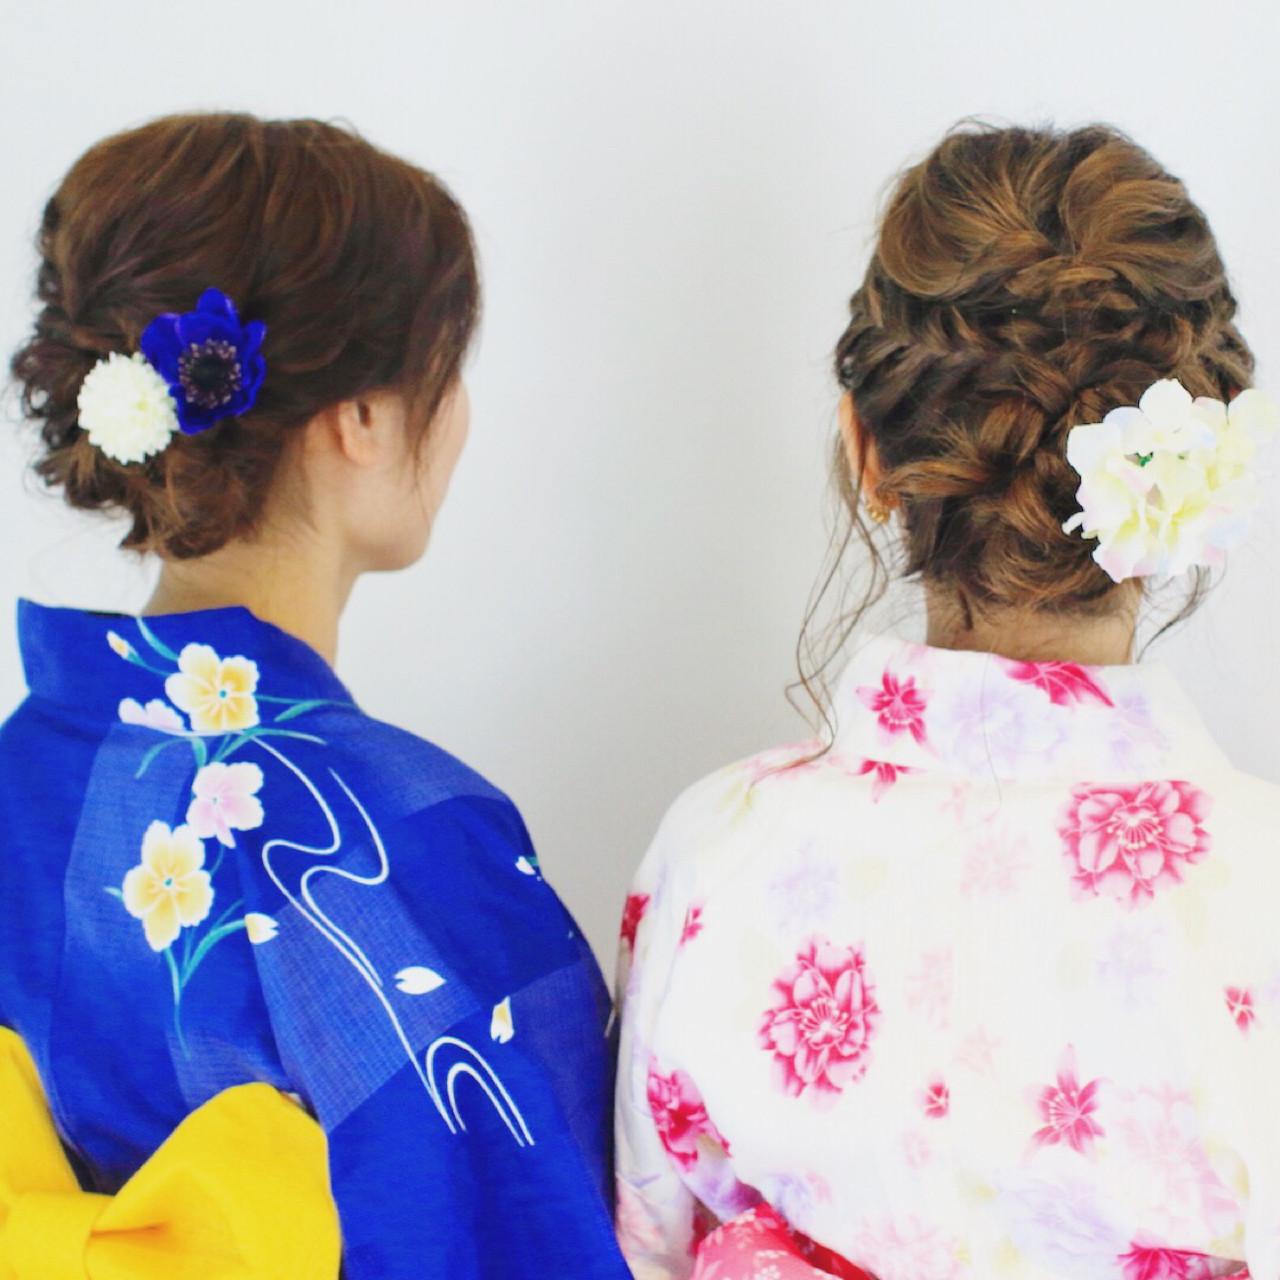 ヘアアレンジ ロング 花火大会 夏 ヘアスタイルや髪型の写真・画像 | 美容師HIRO/Amoute代表 / Amoute/アムティ